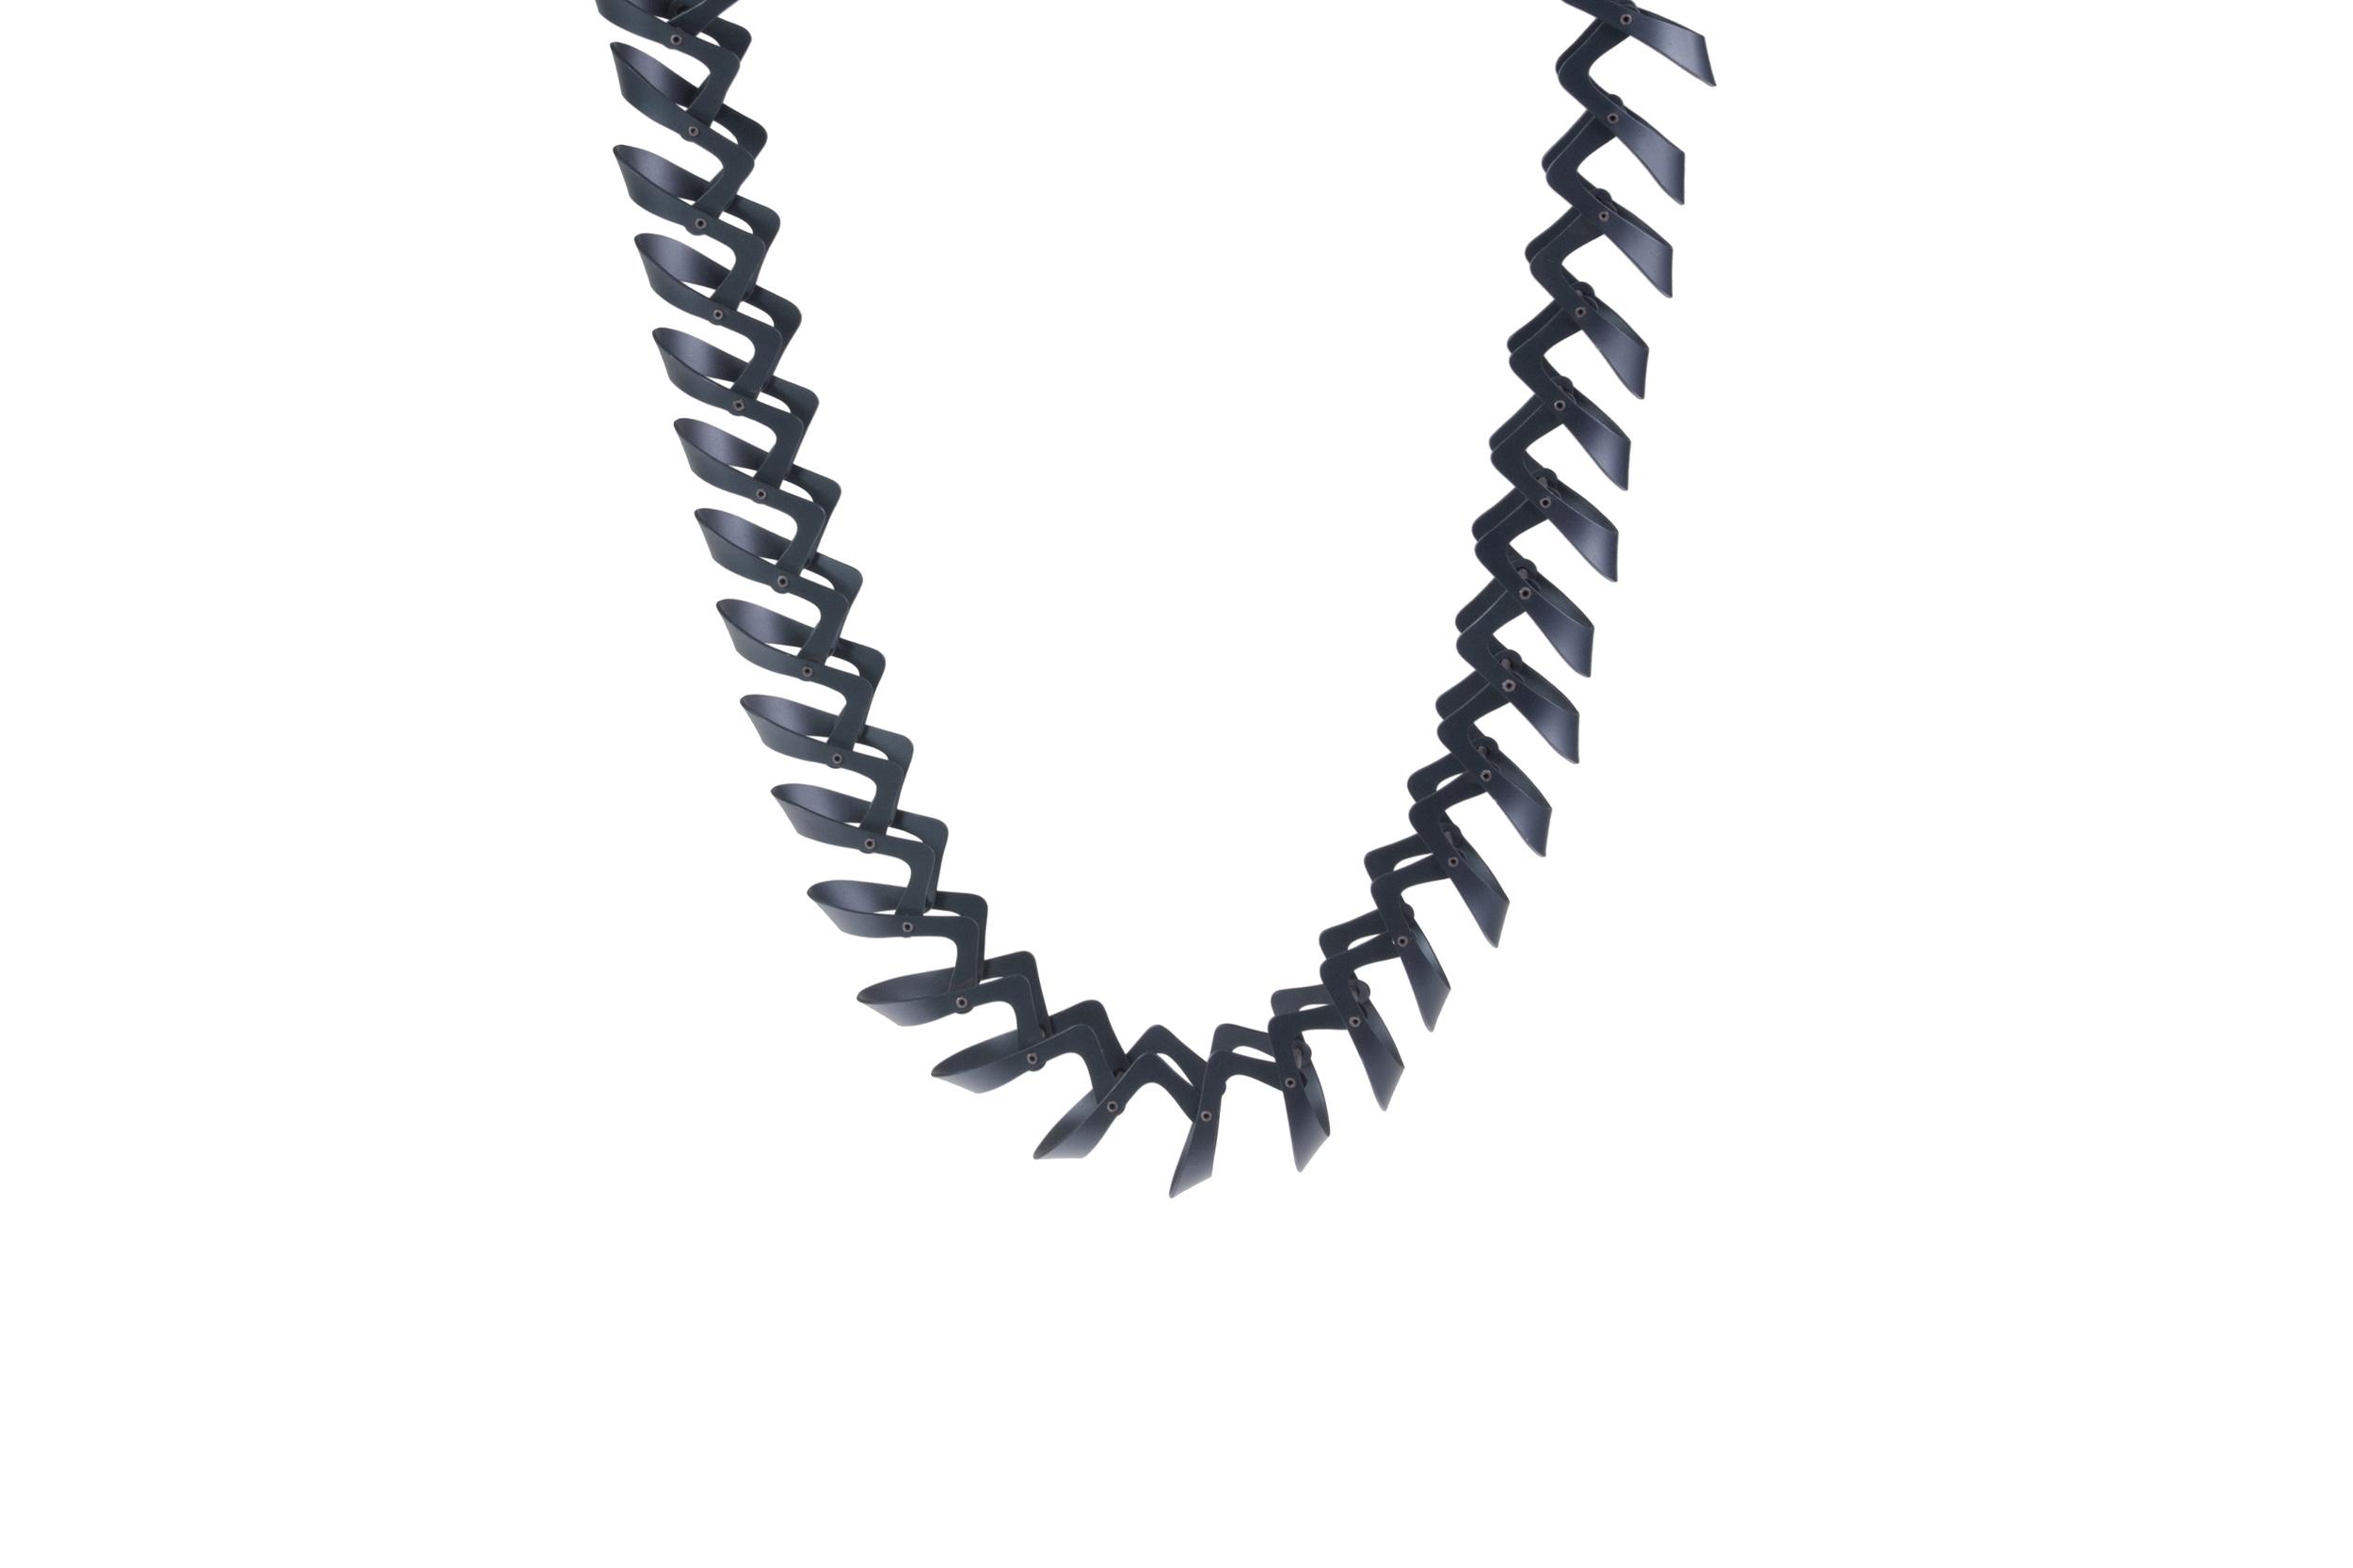 Neckpiece  Neckpiece:   Bespoke Wearables project    Press cut and hand assembled Aluminium, silver